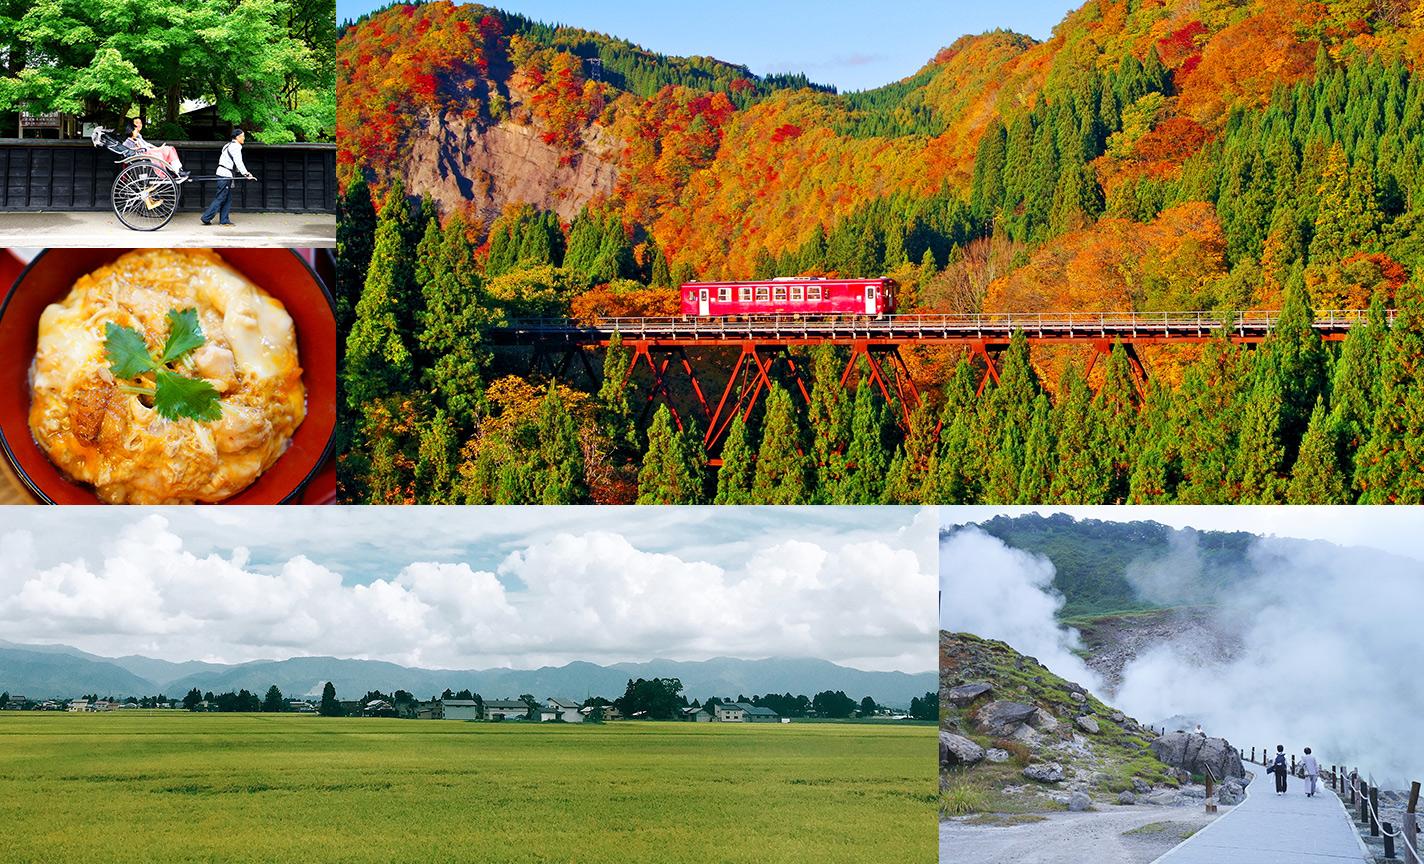 初秋鐵道溫泉輕旅行!尋找屬於我的休日秋田風景